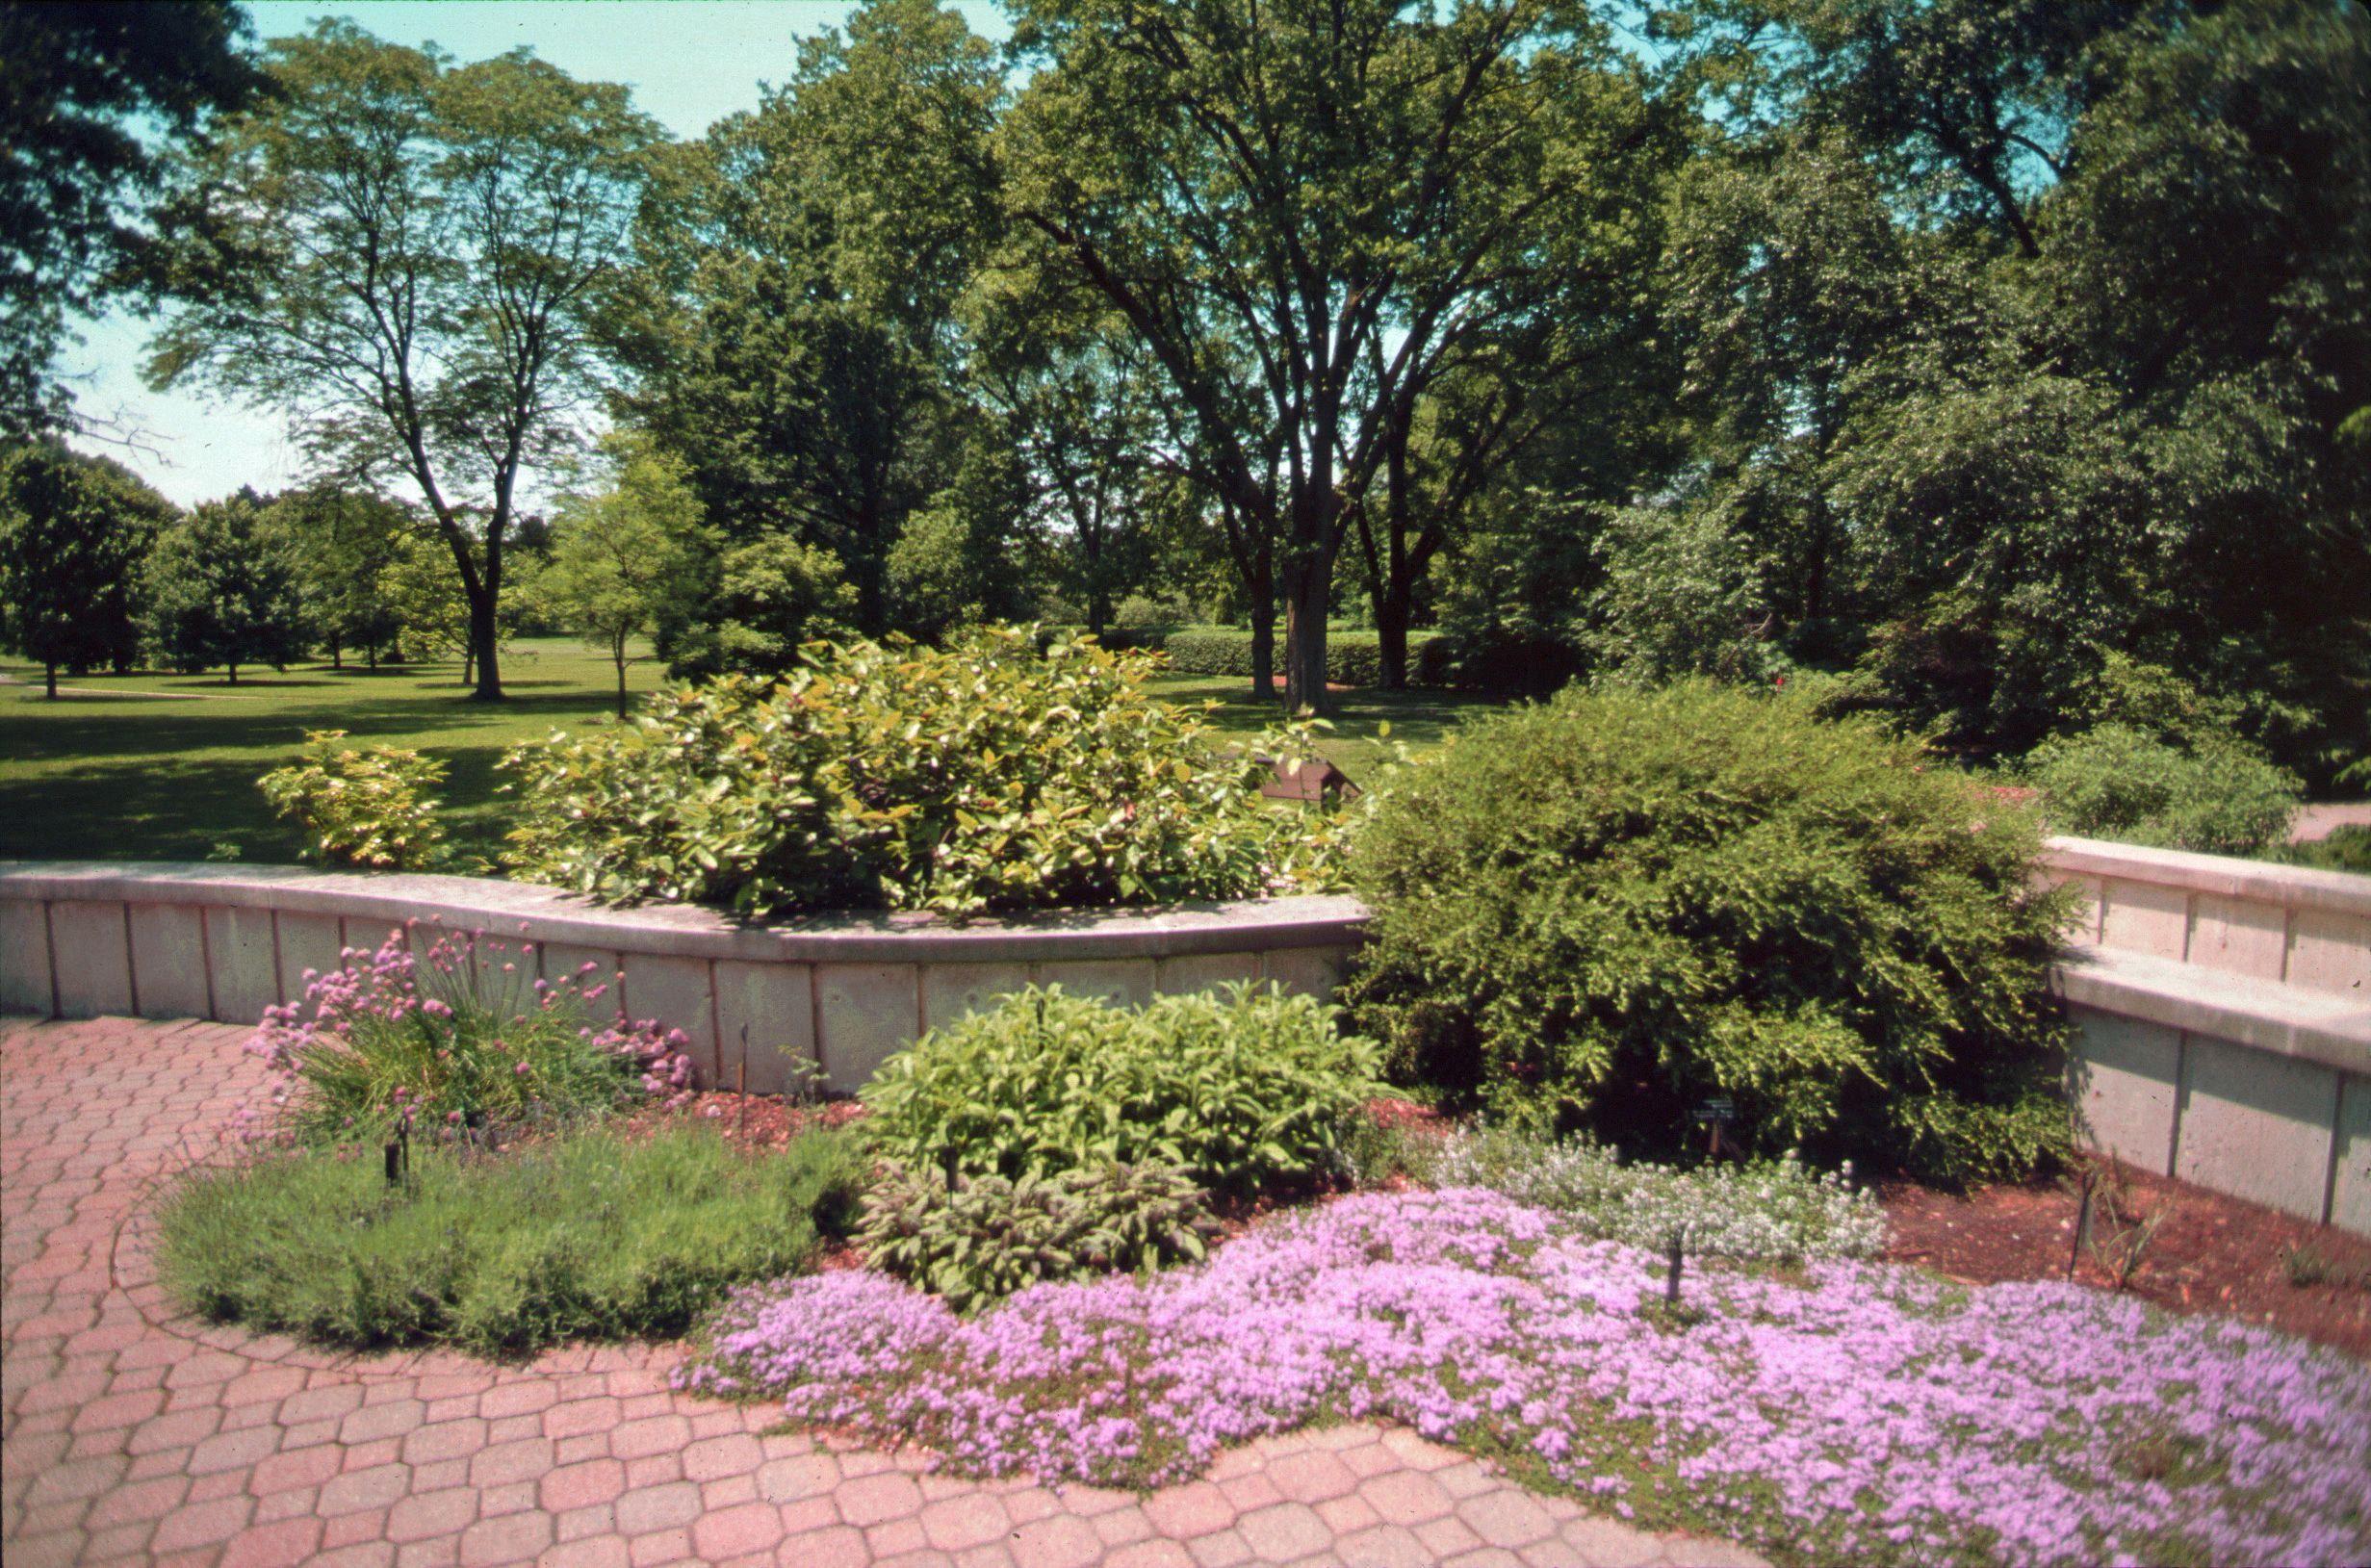 Herb Garden    #nature #mortonarboretum #garden #Chicago #outdoors